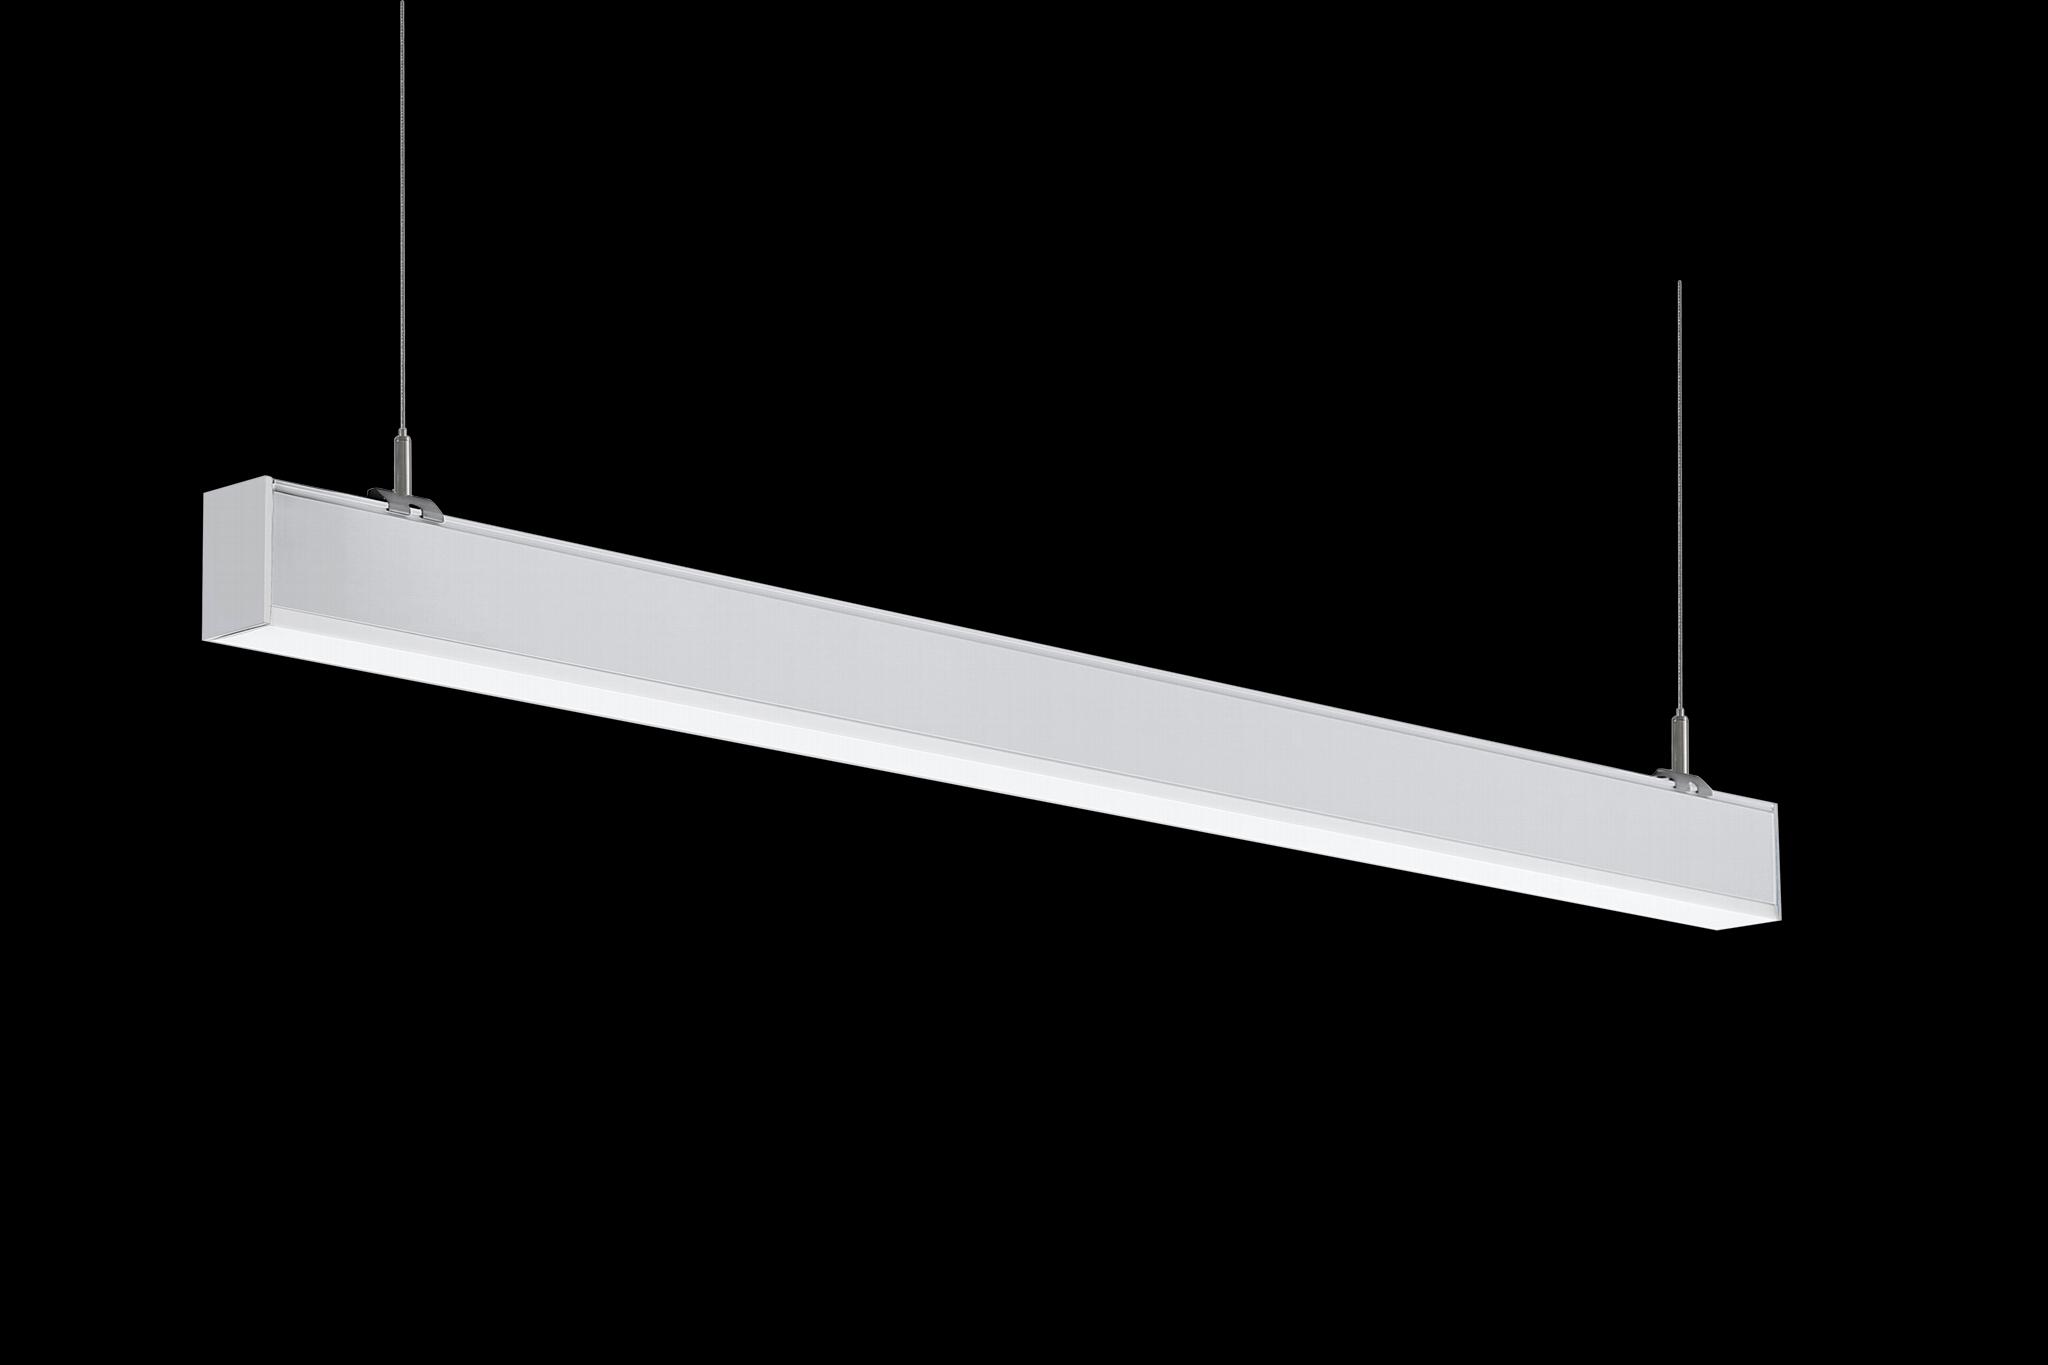 壁挂式線性燈 LS5075-PZ 3